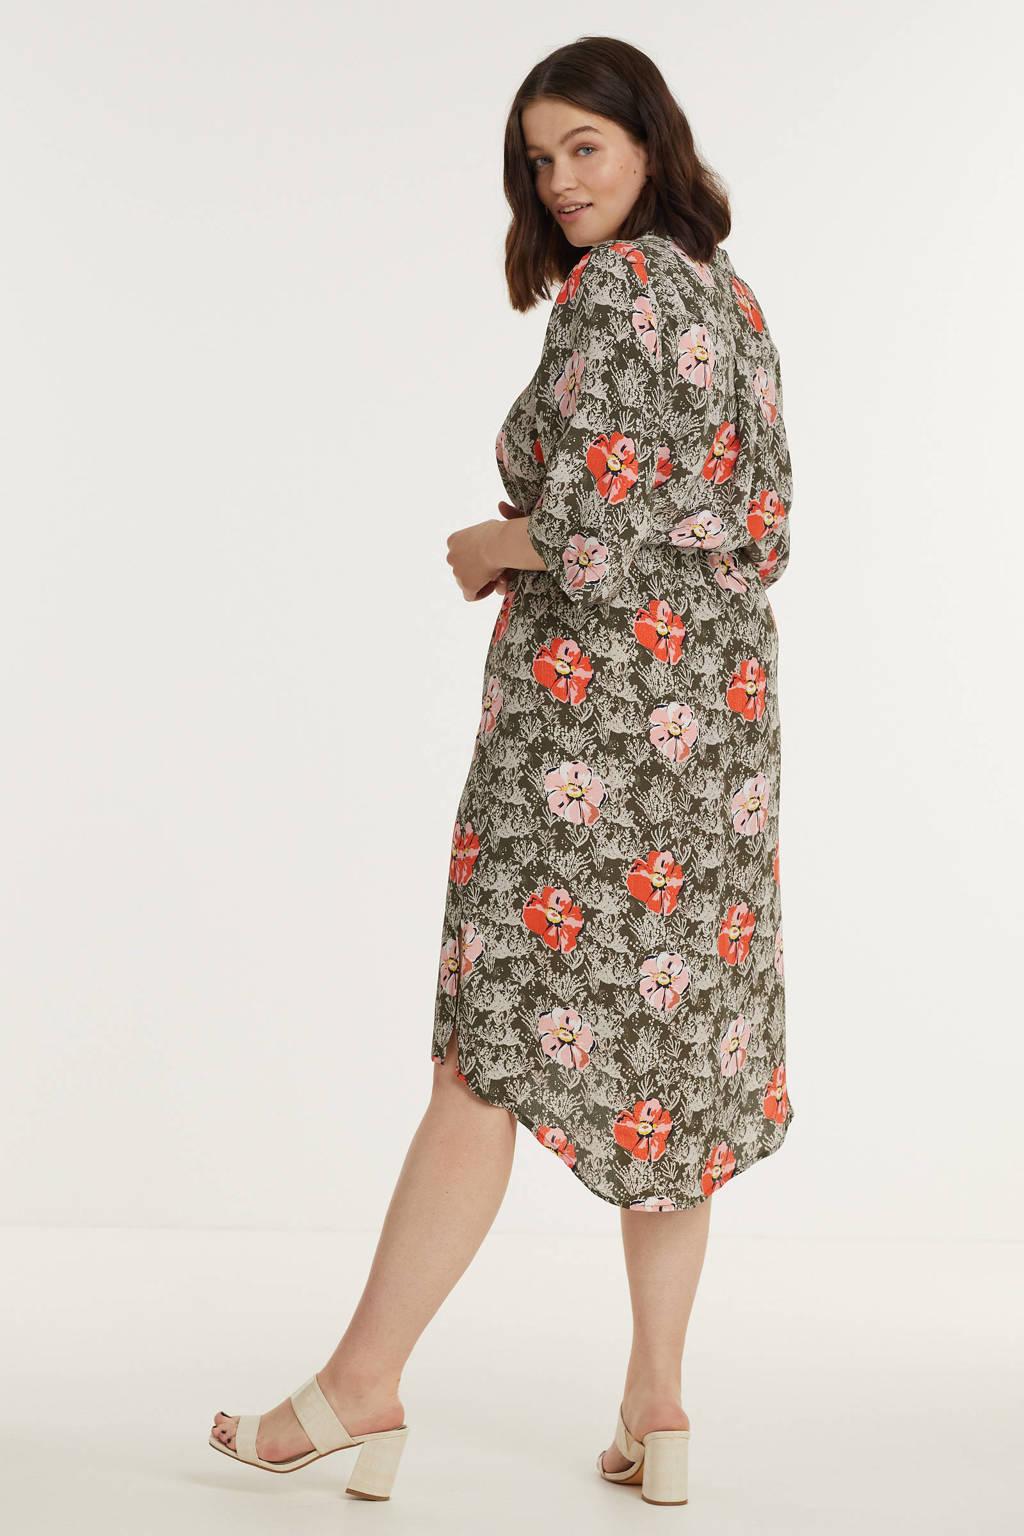 No.1 by OX gebloemde jurk olijfgroen/rood/lichtroze, Olijfgroen/rood/lichtroze